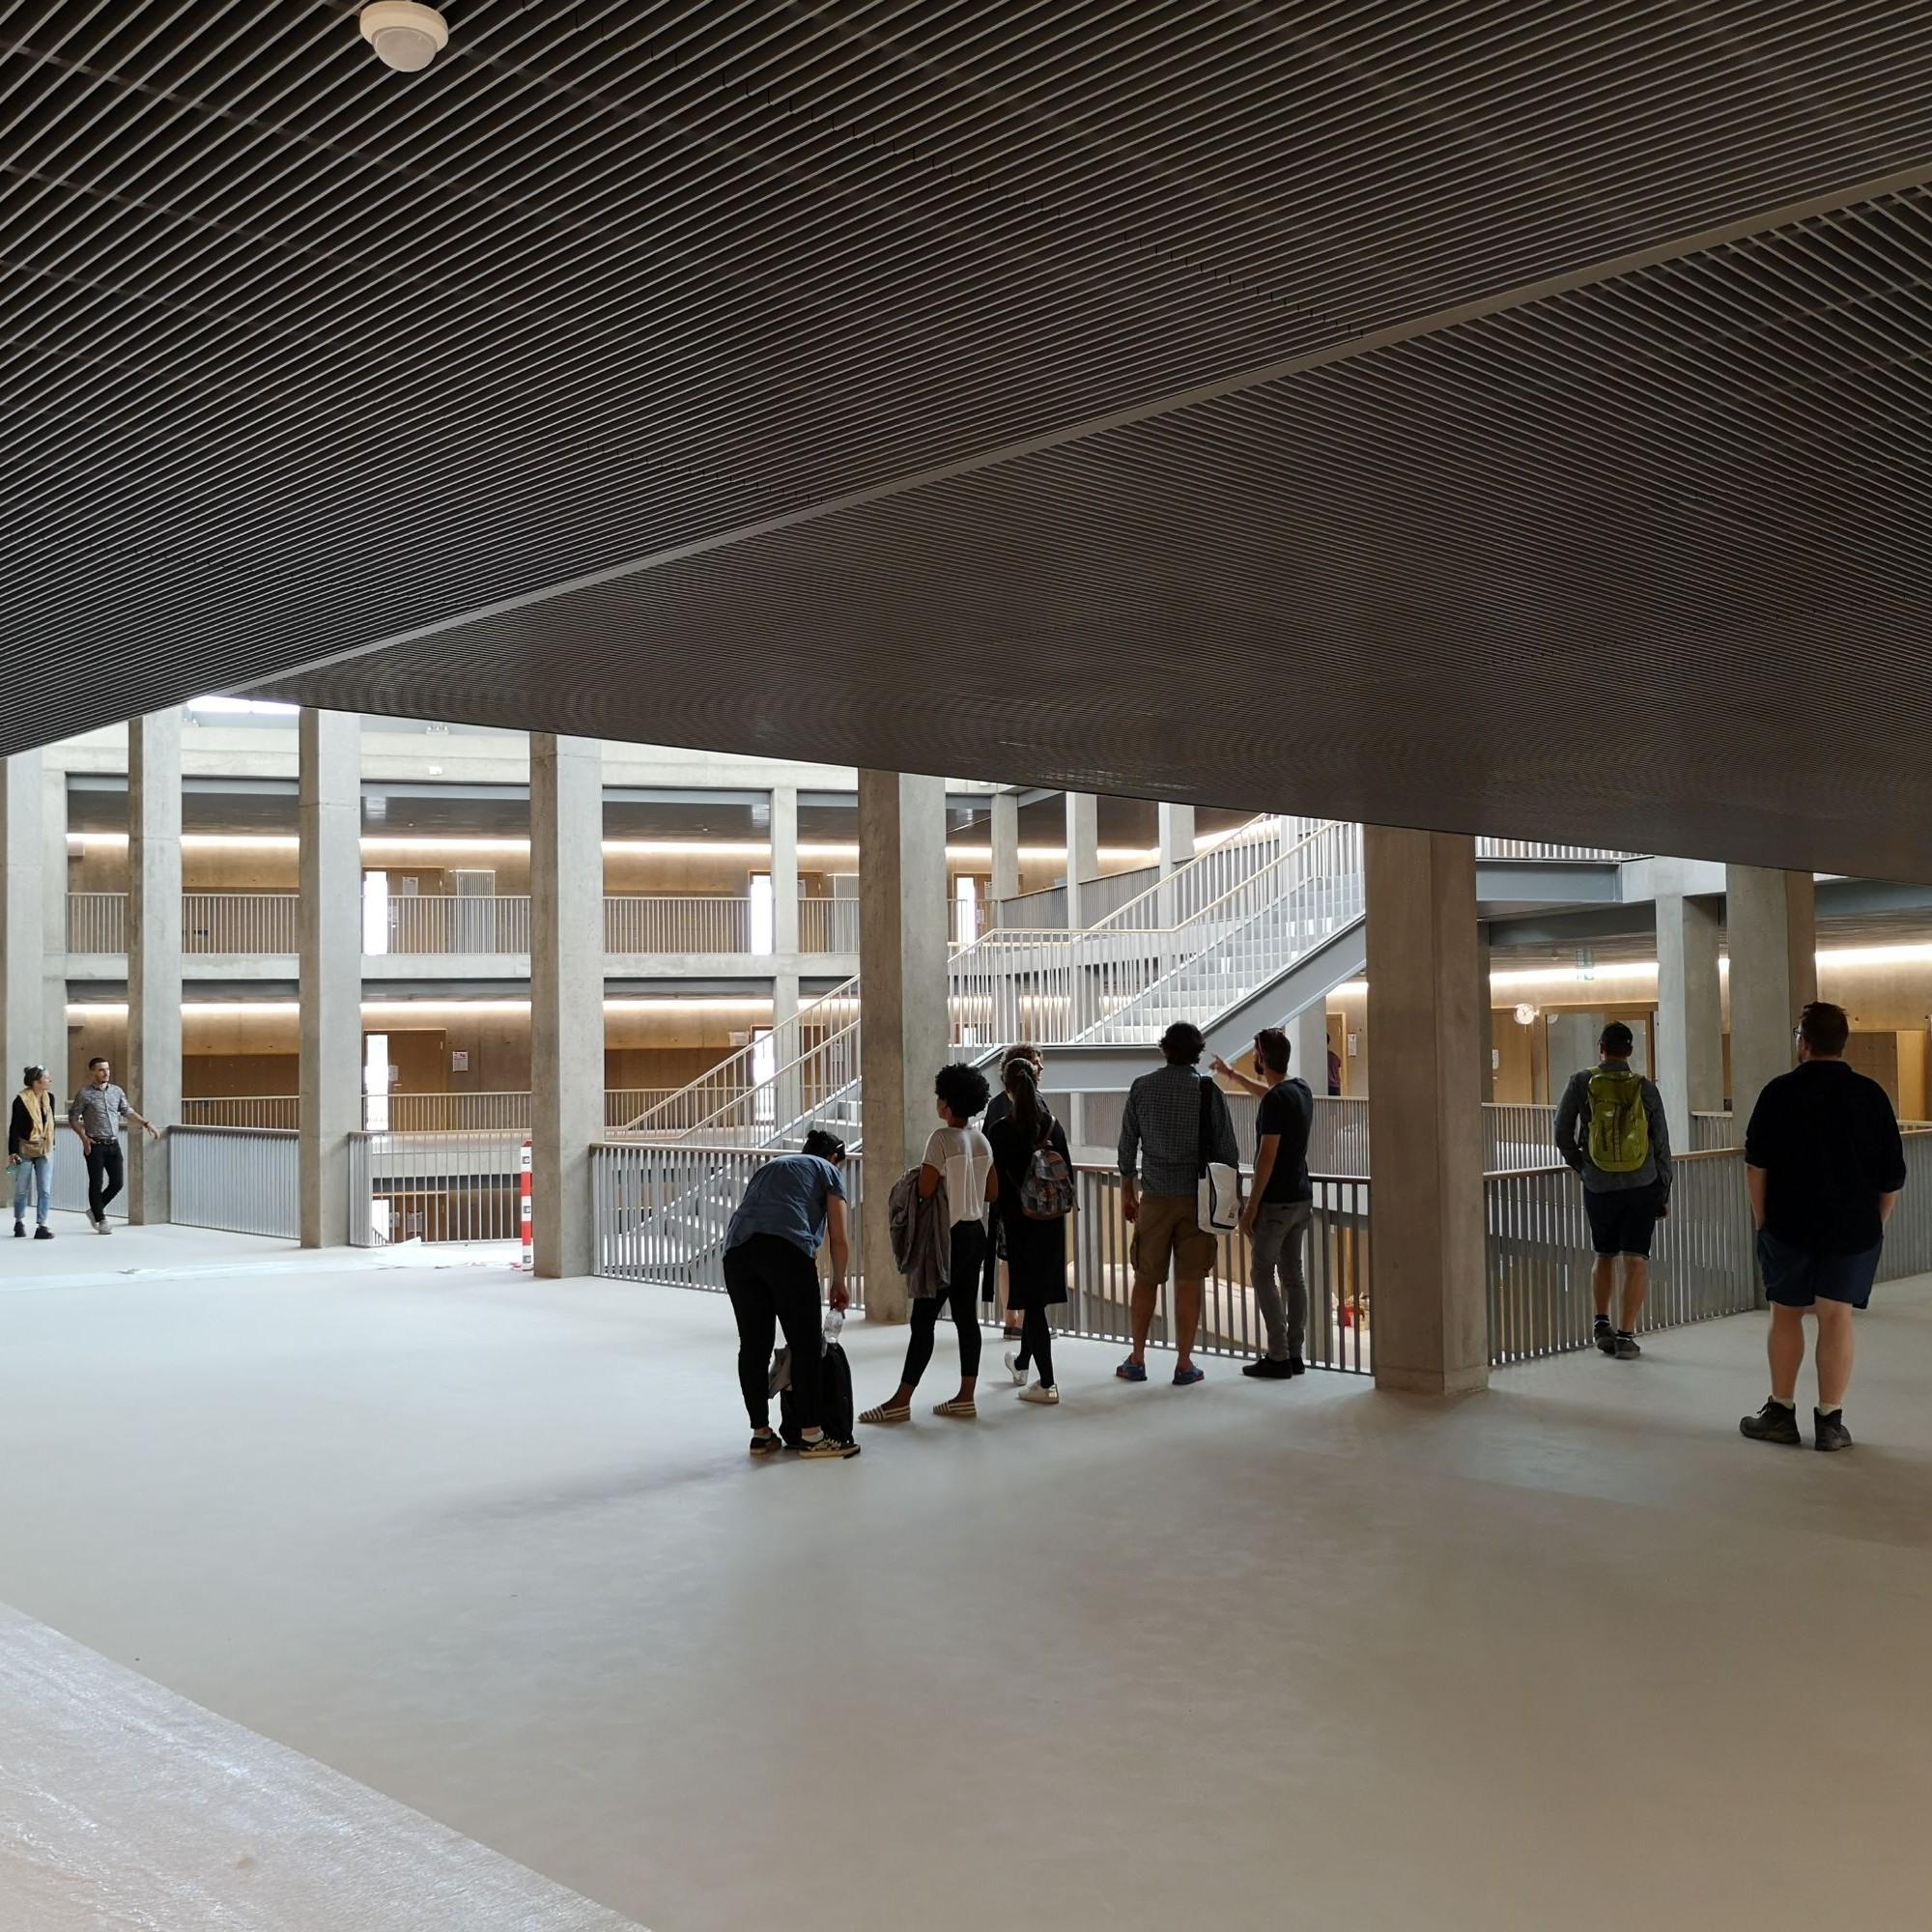 Le nouvel établissement scolaire peut accueillir jusqu'à 700 élèves de 11 à 16 ans.